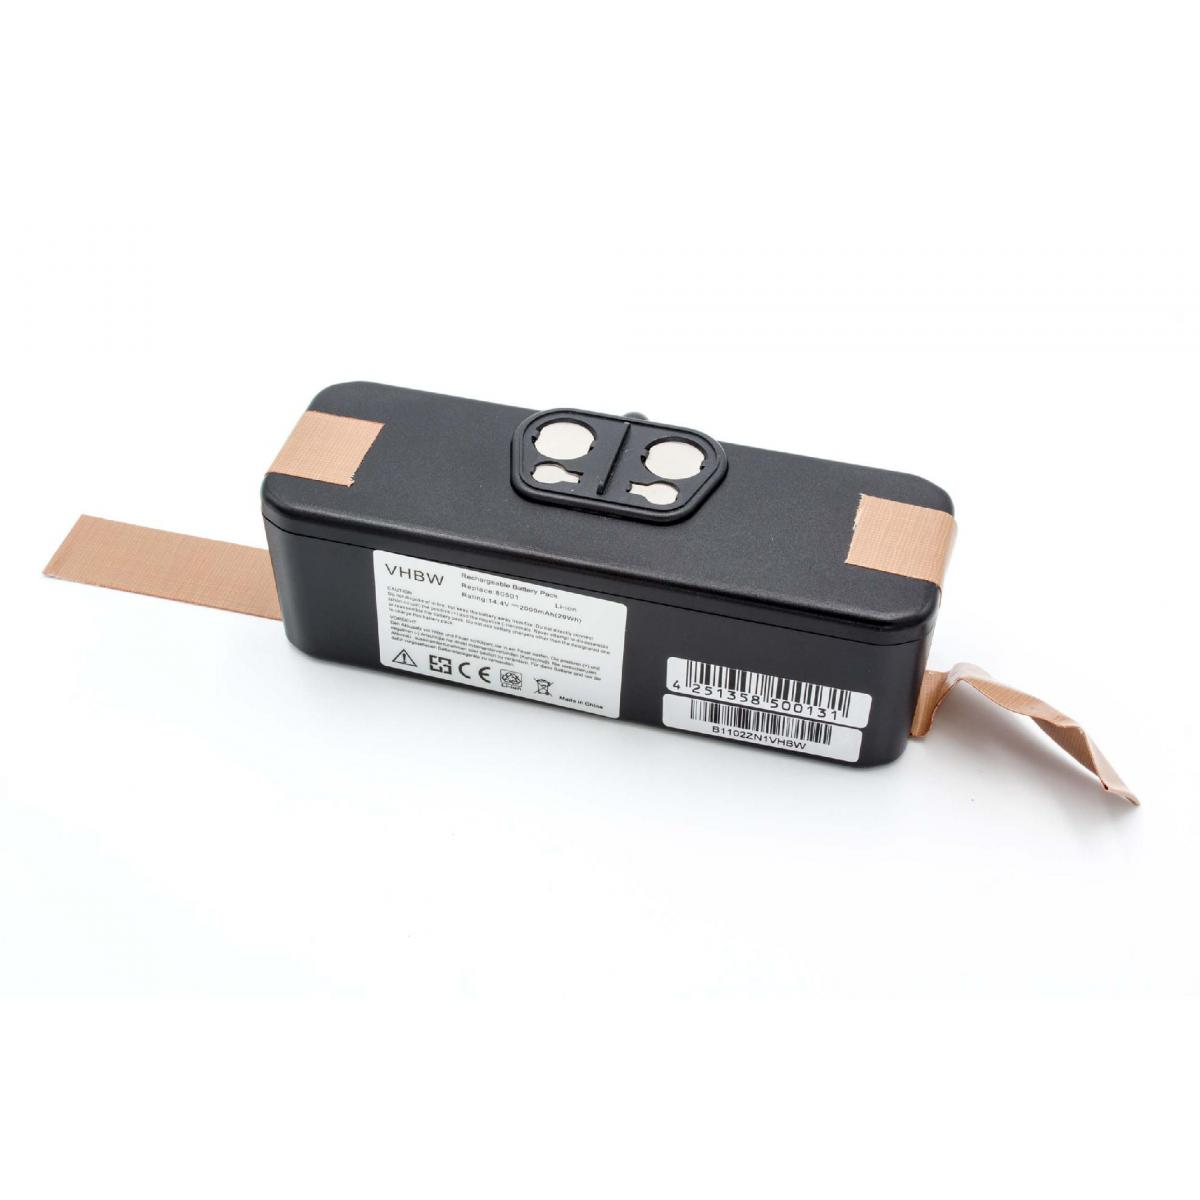 Vhbw vhbw Batterie Li-Ion 2000mAh (14.4V) compatible avec iRobot Roomba 611, Roomba 612, Roomba 614, Roomba 618, Roomba 681,